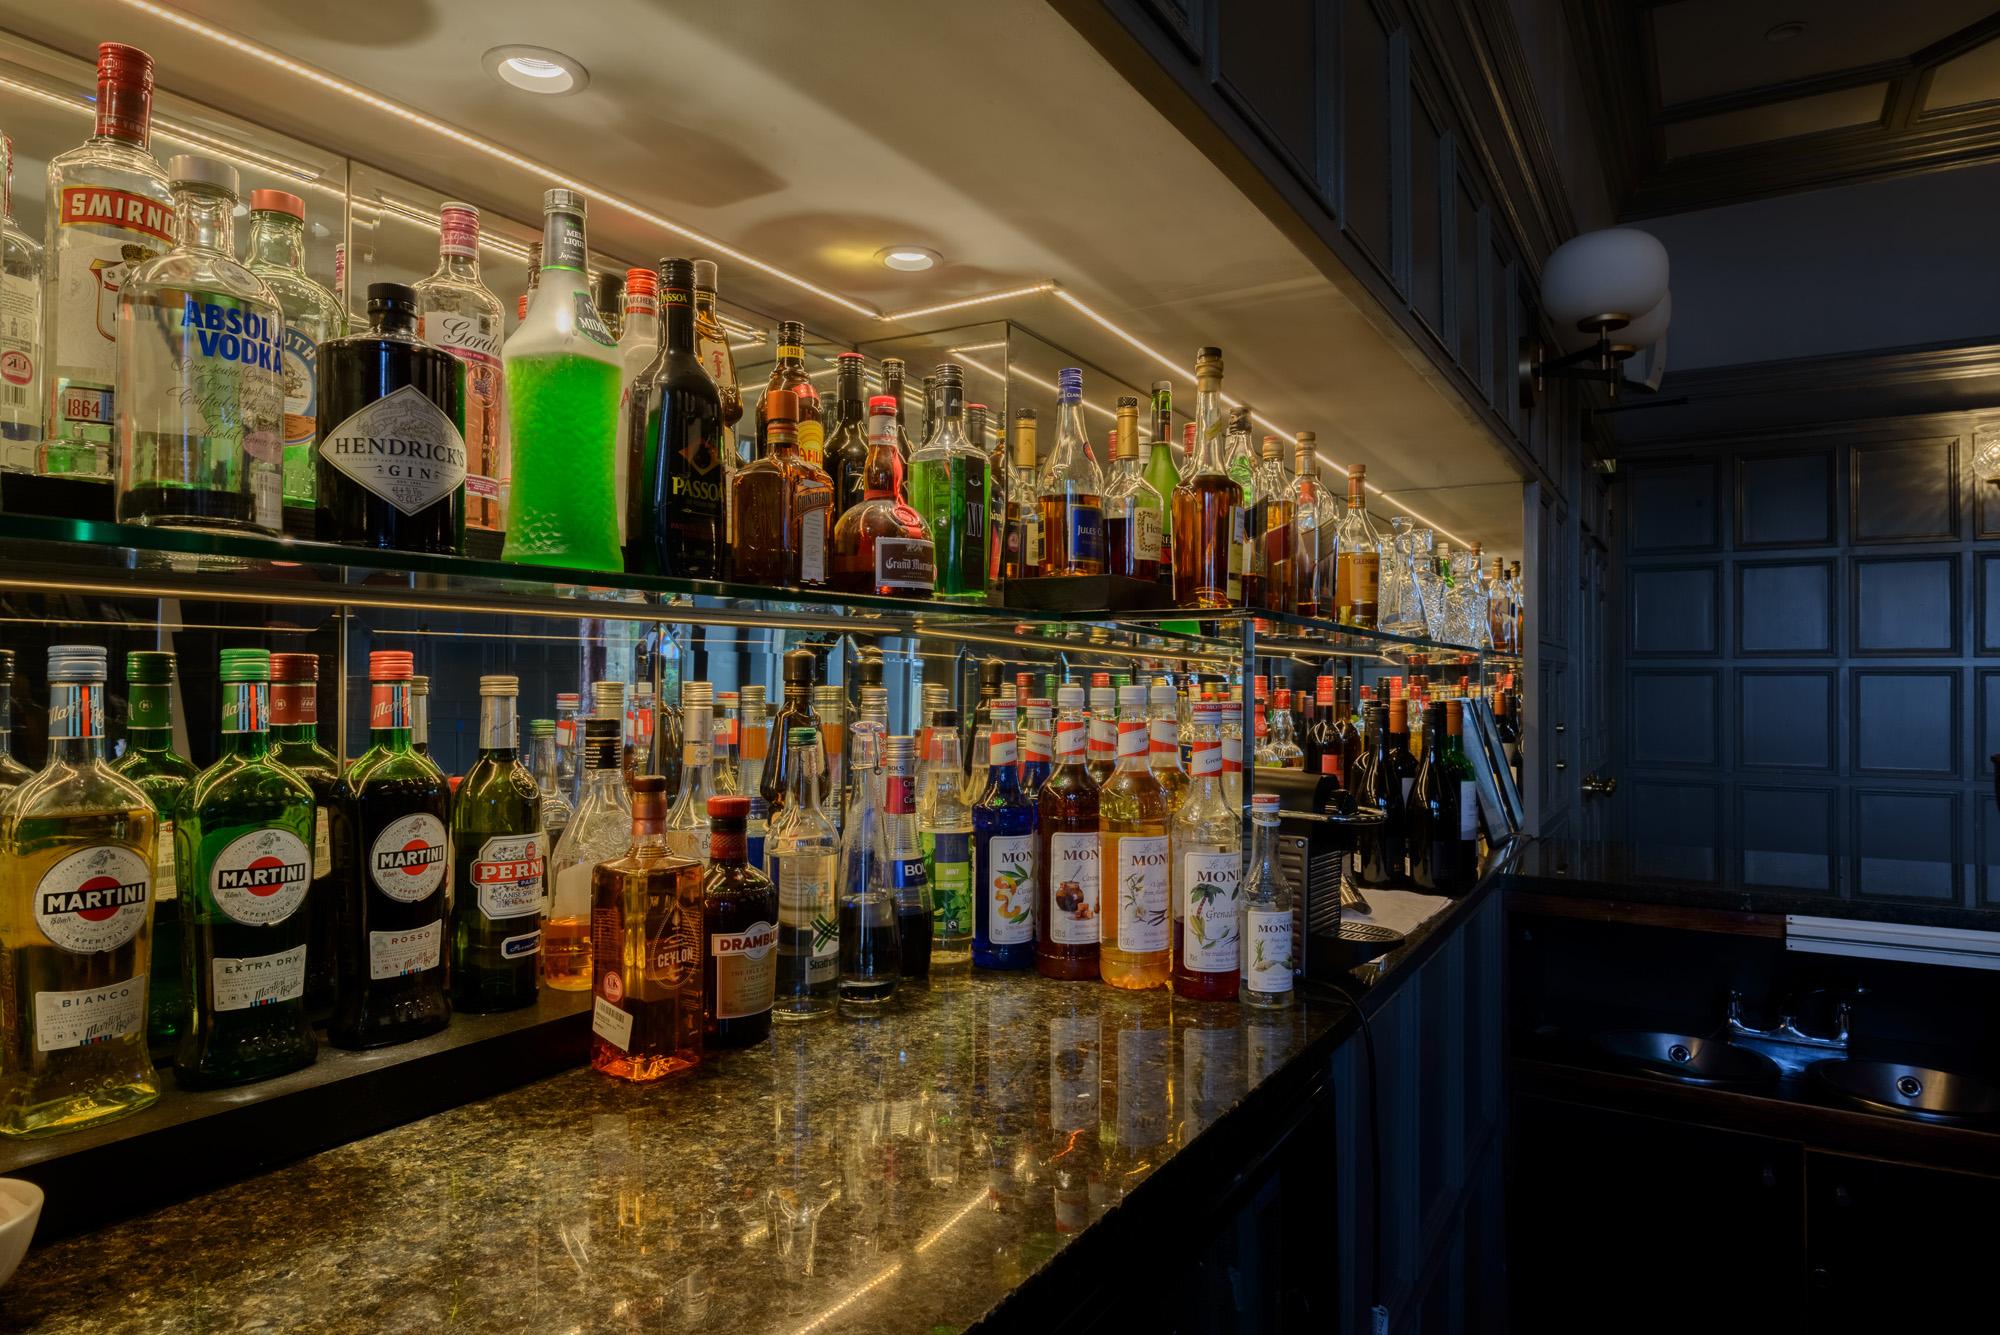 Bar 5